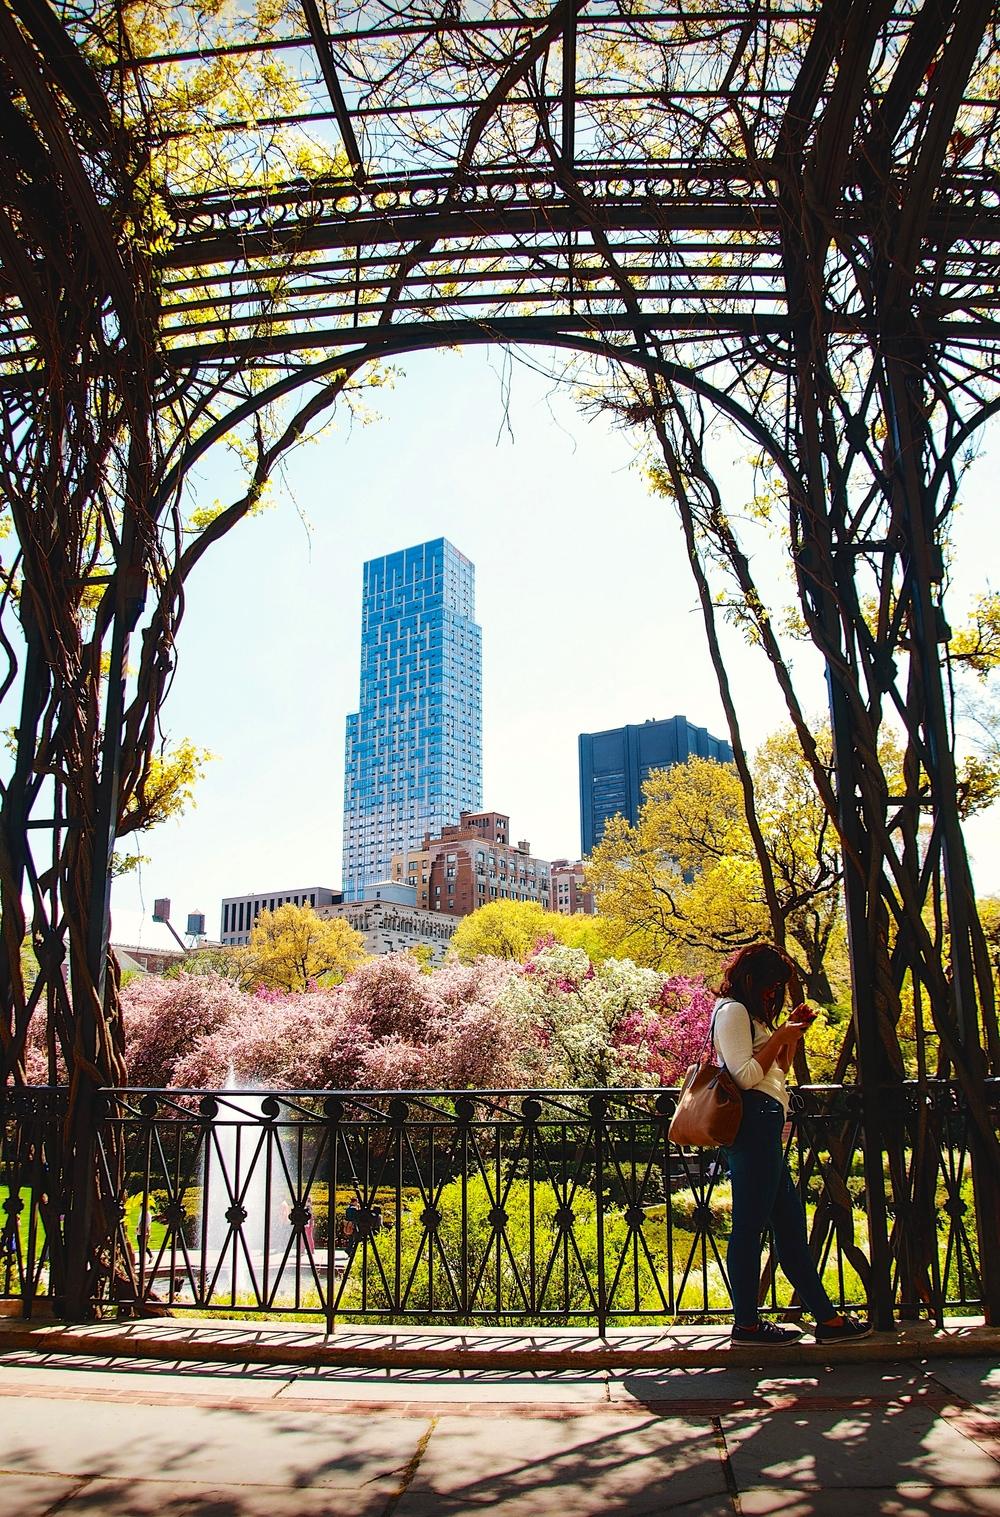 @ Central Park_Conservatory Garden_© 2015 Joseph Kellard-Kellardmedia.com..jpg